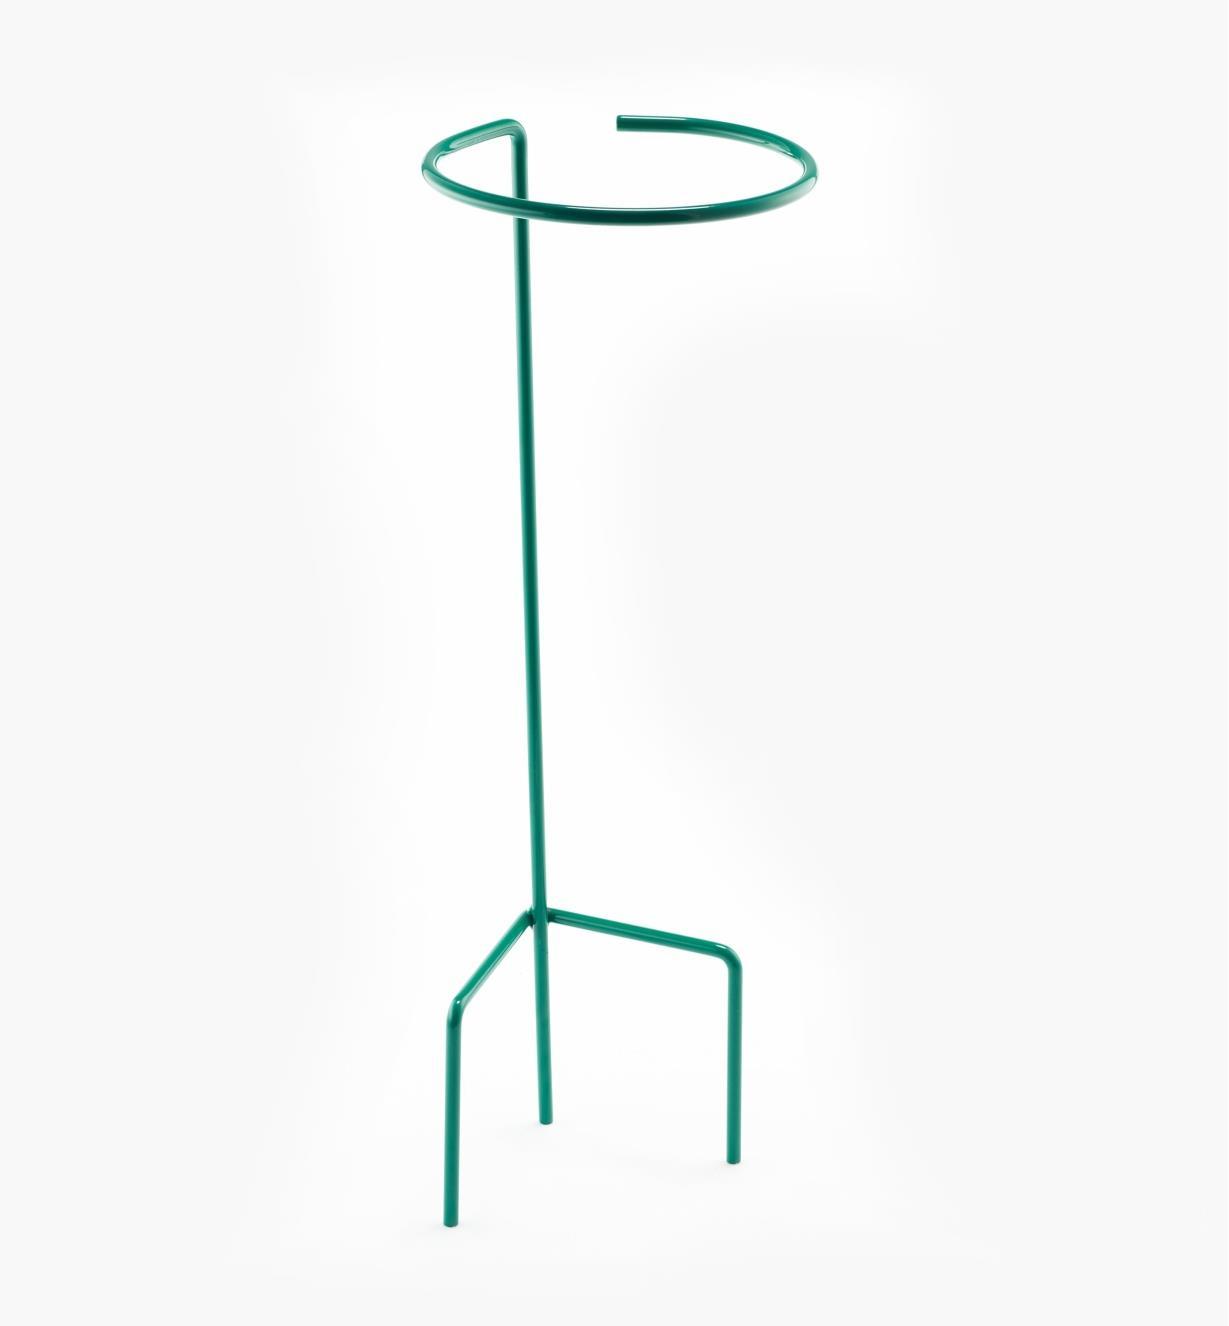 EG205 - Pot Stand